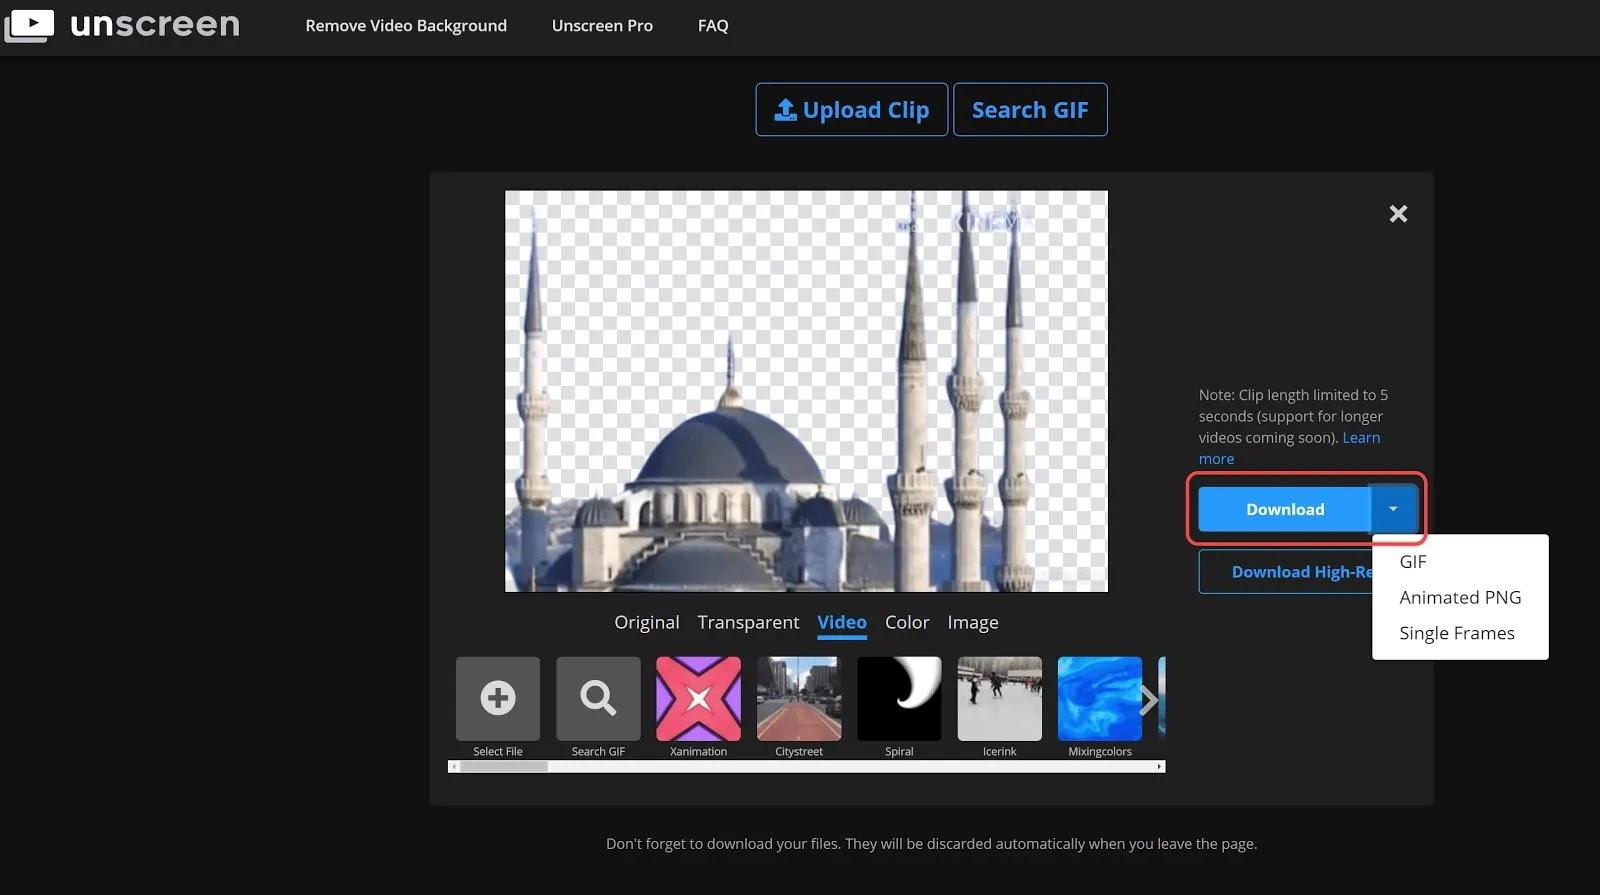 كيفية إزالة أو تغيير خلفية الفيديو باستخدام هذا الموقع